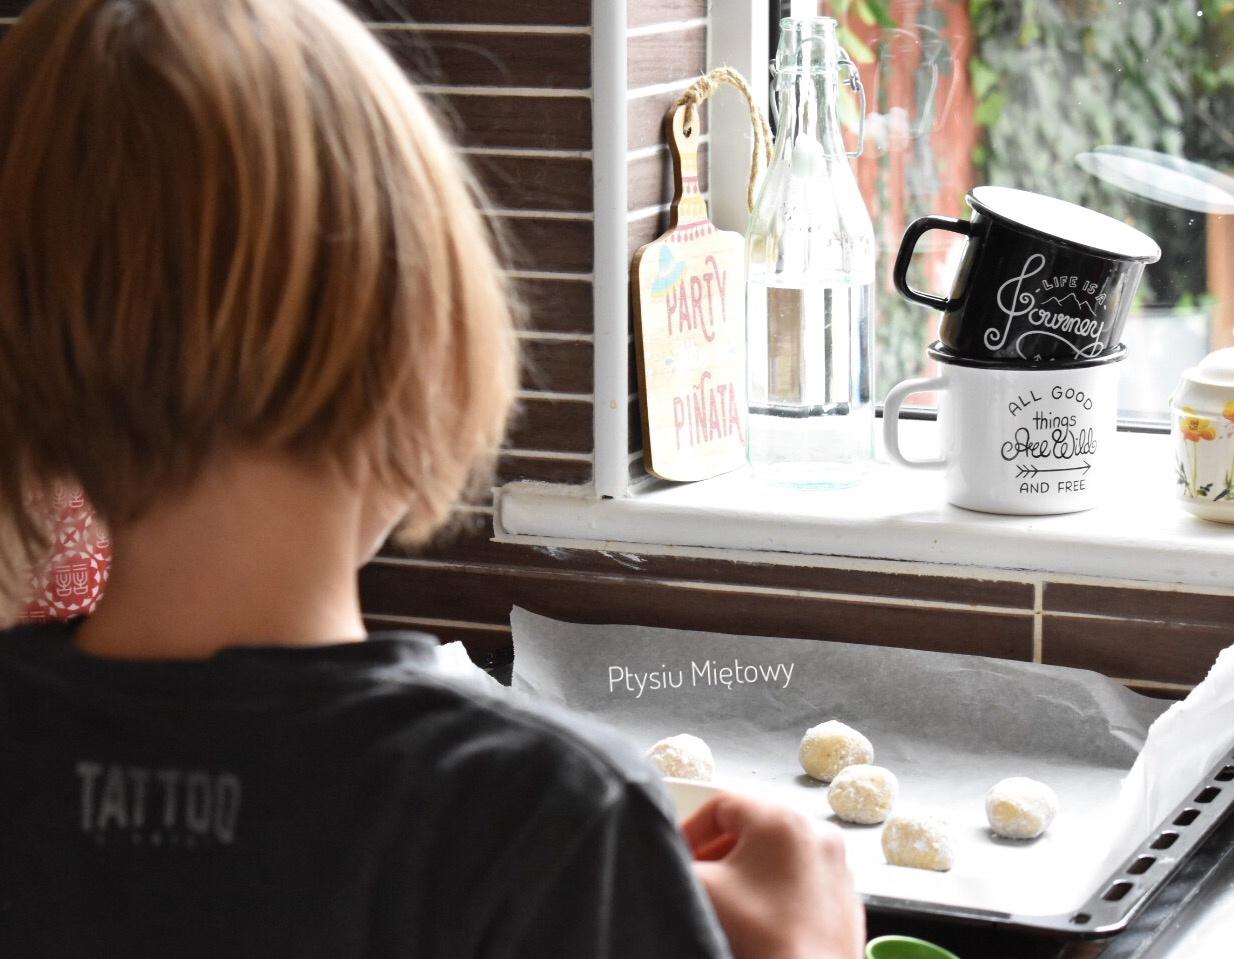 dziecko w kuchni, ptysiu mietowy